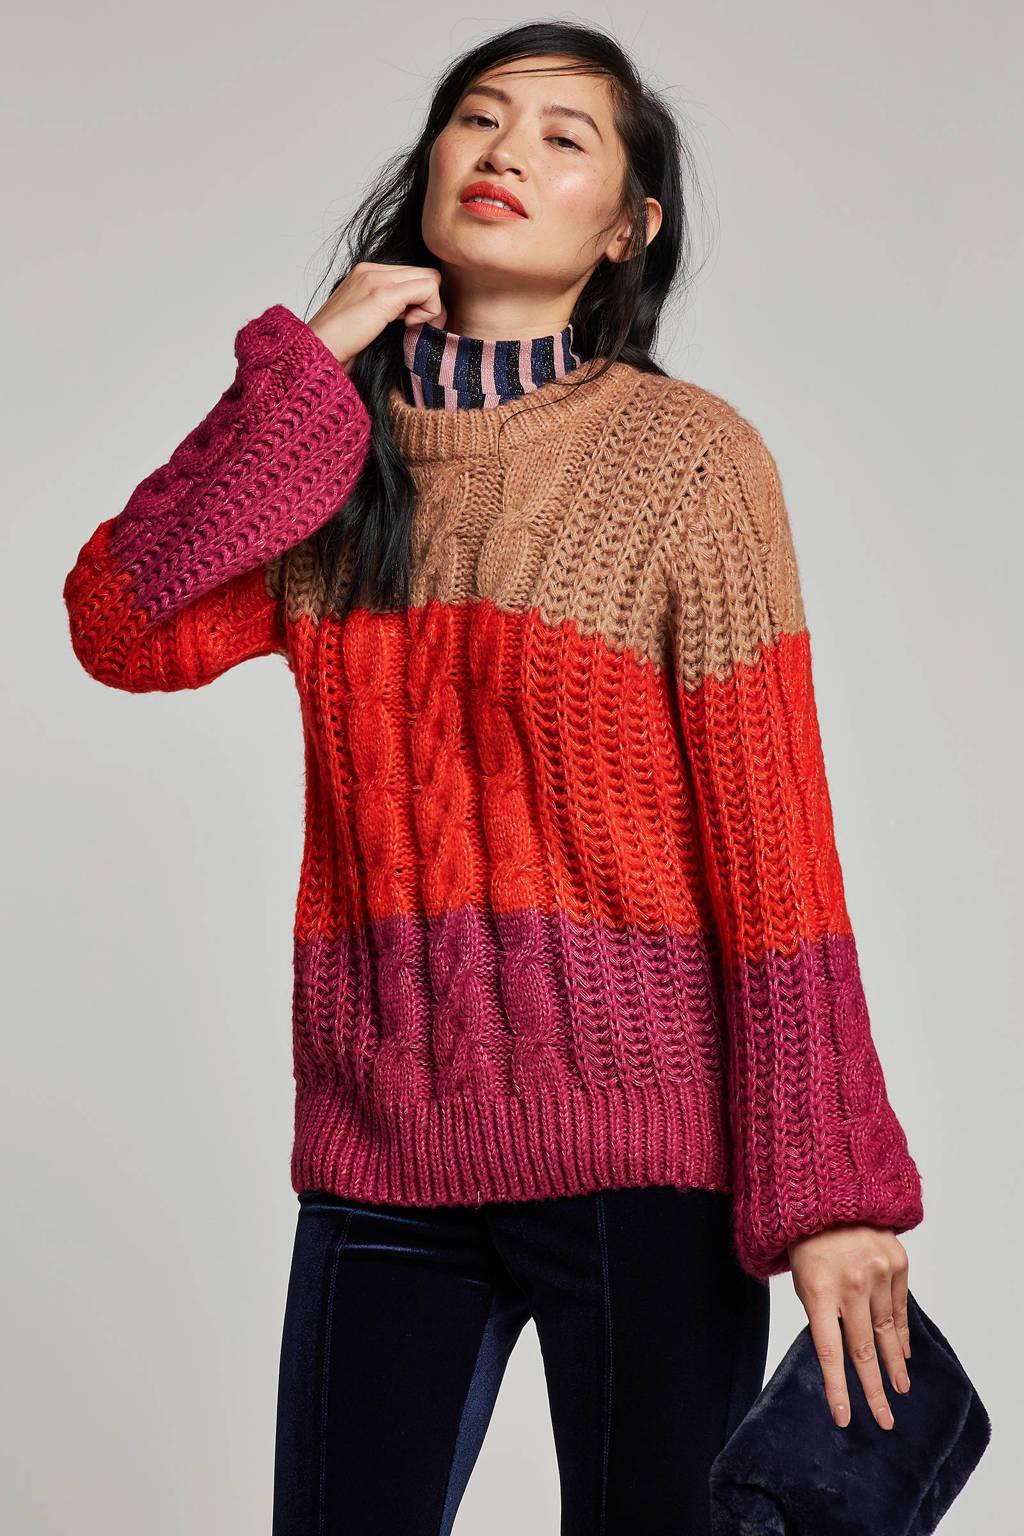 VERO MODA gebreide trui met strepen, Rood/beige/paars